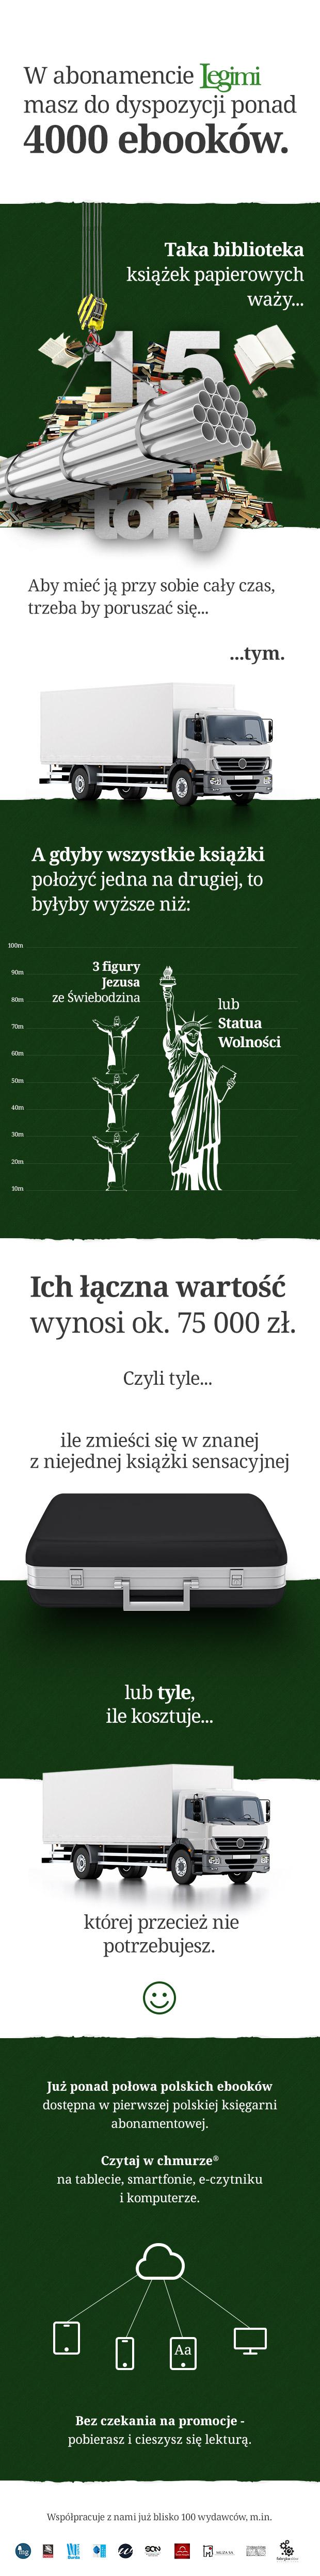 Infografika: 4000 ebooków, książki papierowe miałyby wysokość Statui Wolności ikosztowały 75 tysięcy, jest topołowa polskich e-booków